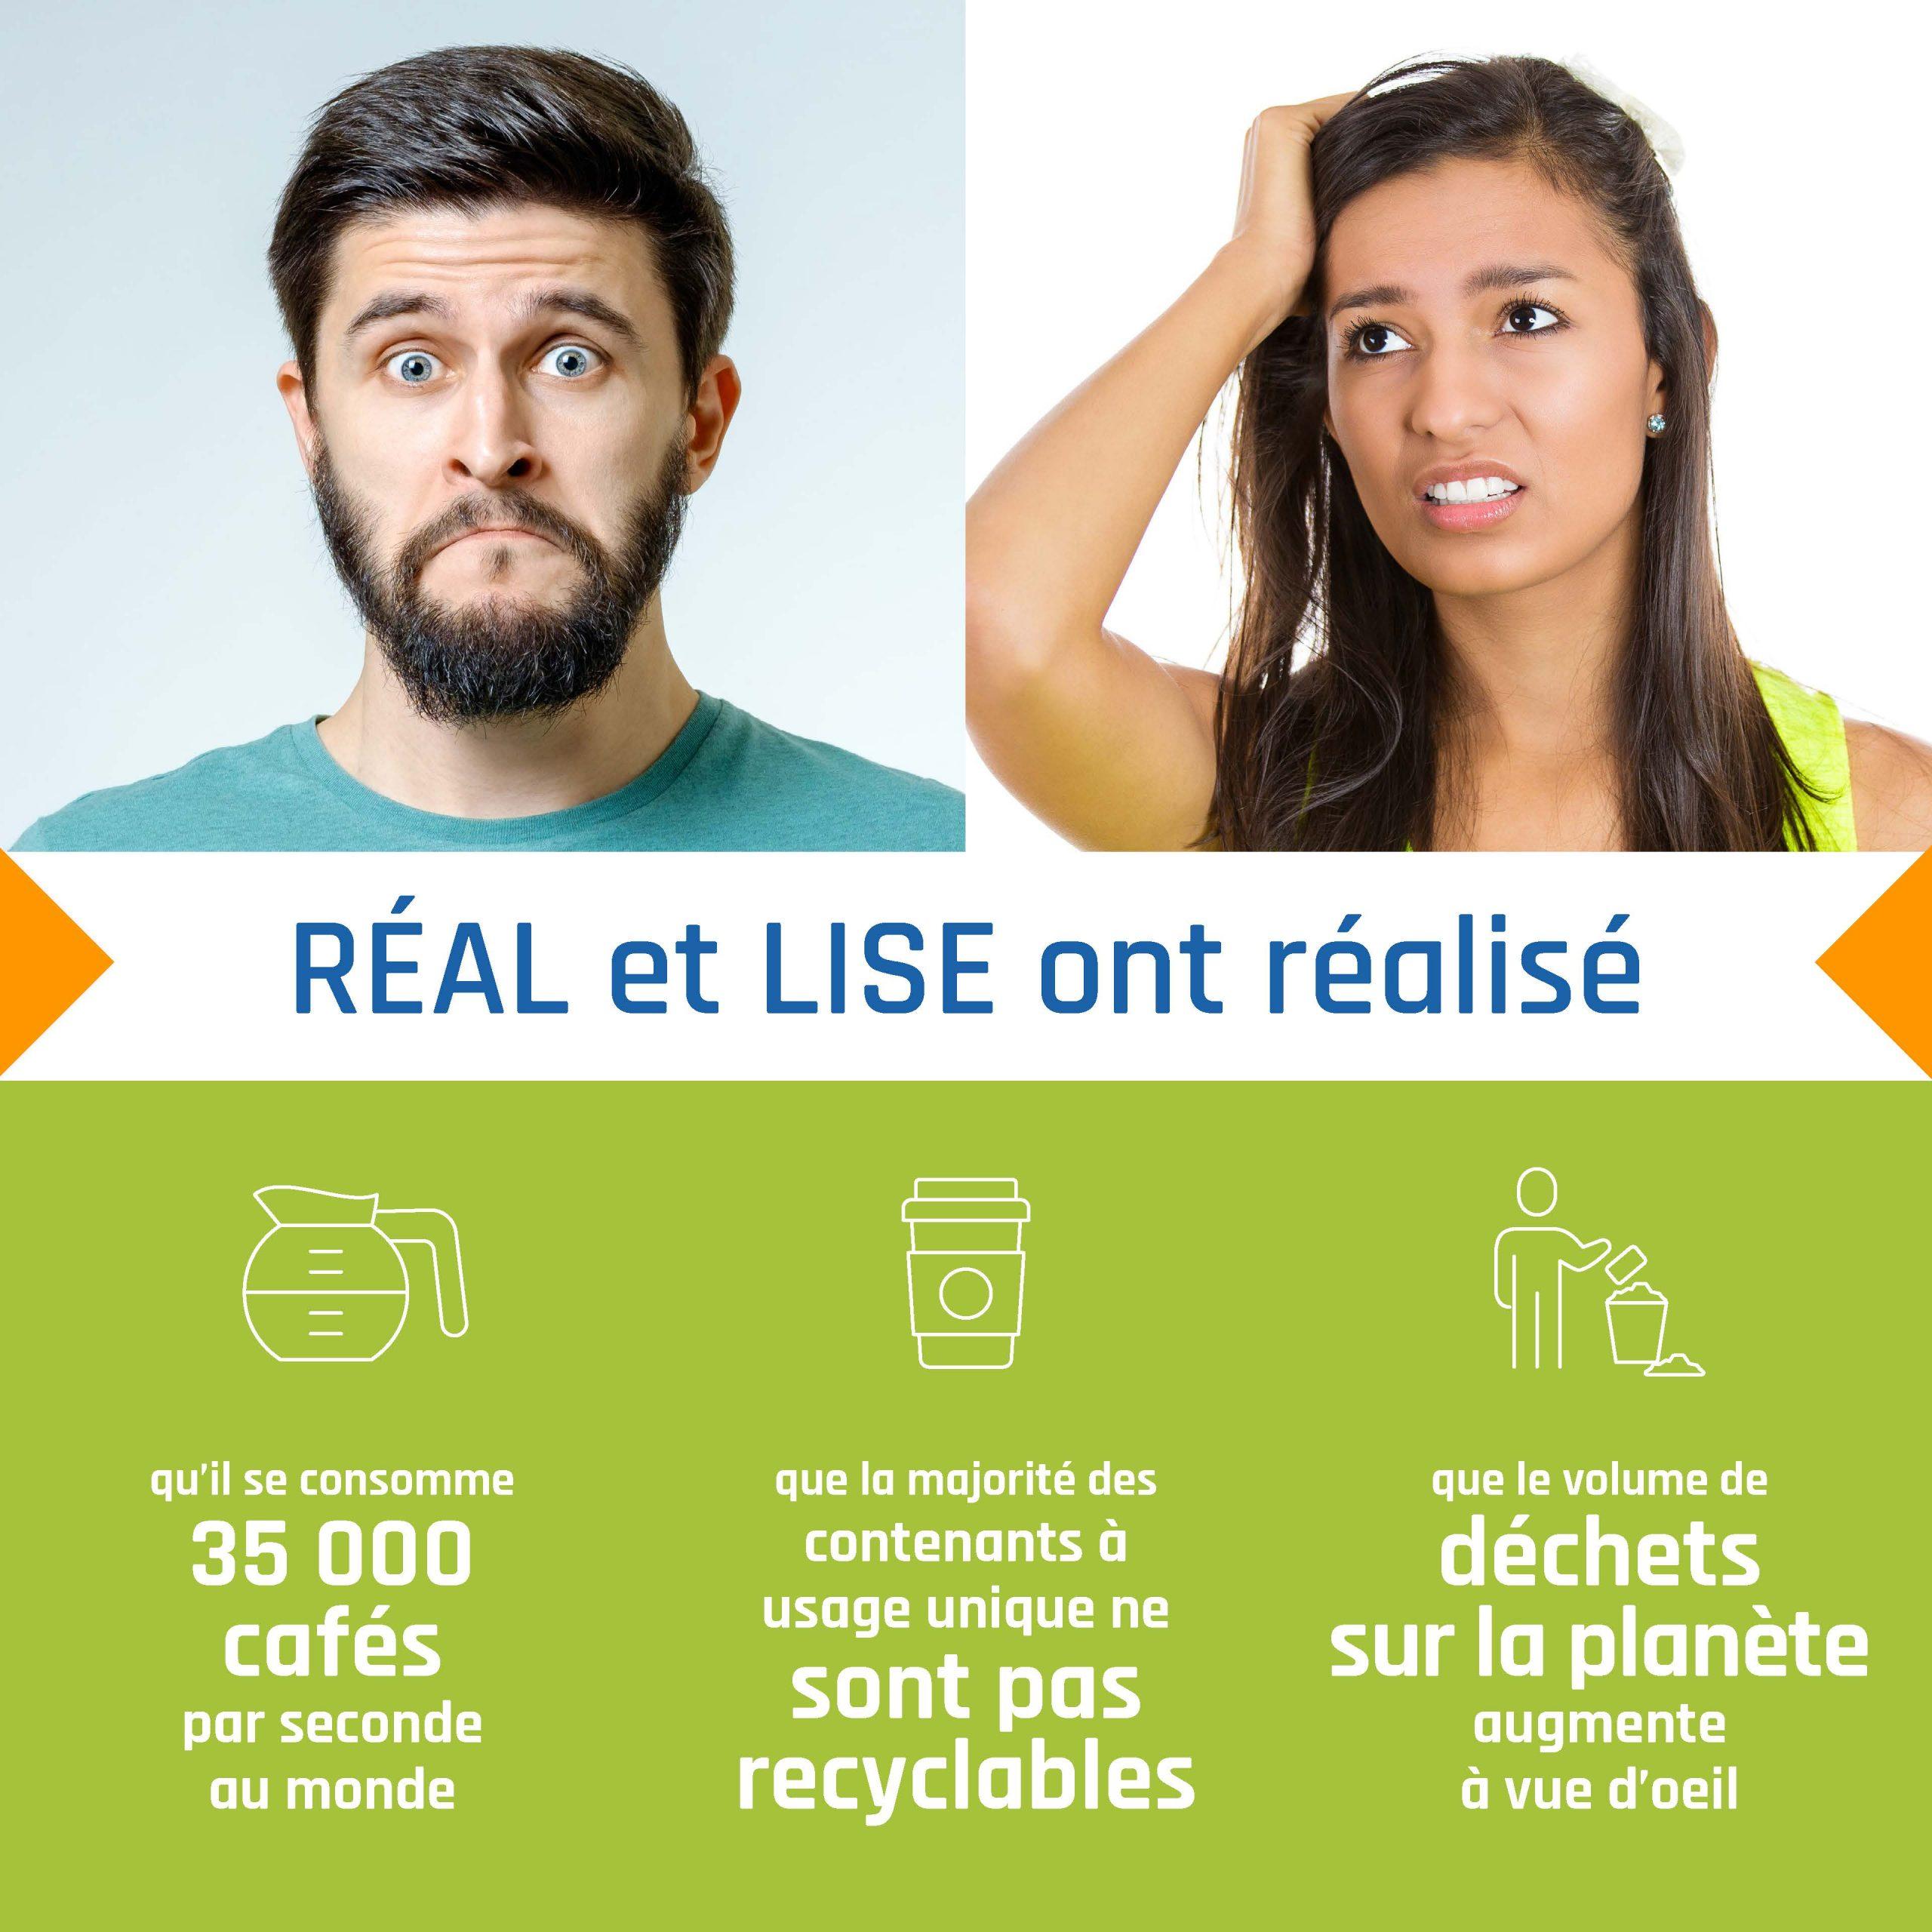 Image 1 -- Voici ce qu'on réalisé Réal et Lise sur le plan écologique